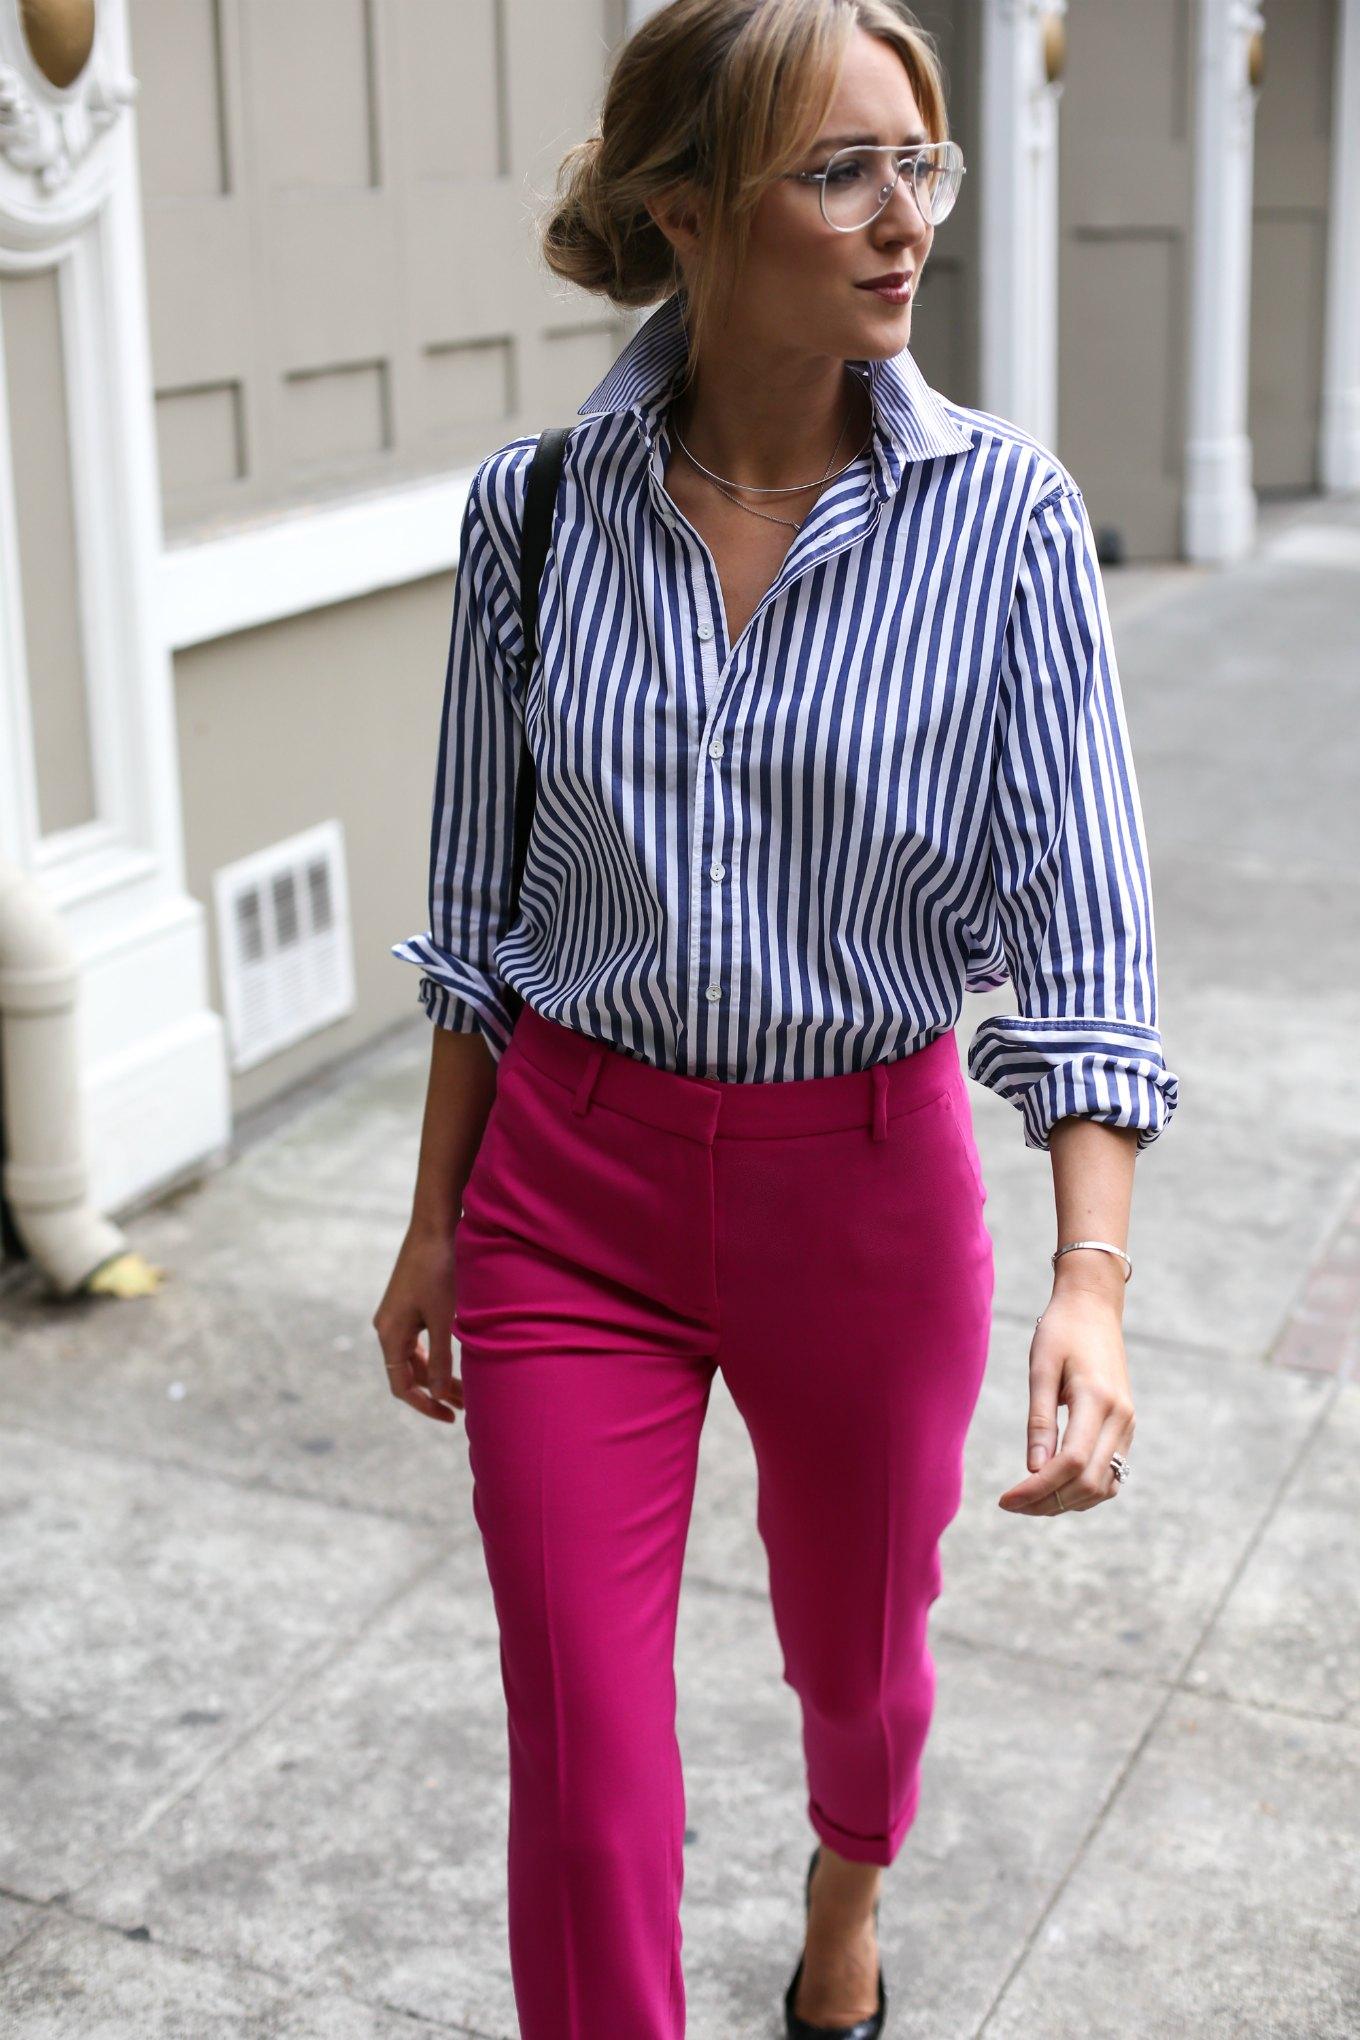 诺德斯特罗姆-j-紫红色,粉红色,袖口破洞的裤子,破布和骨条纹的男朋友衬衫,工作服,时尚风格,博客4